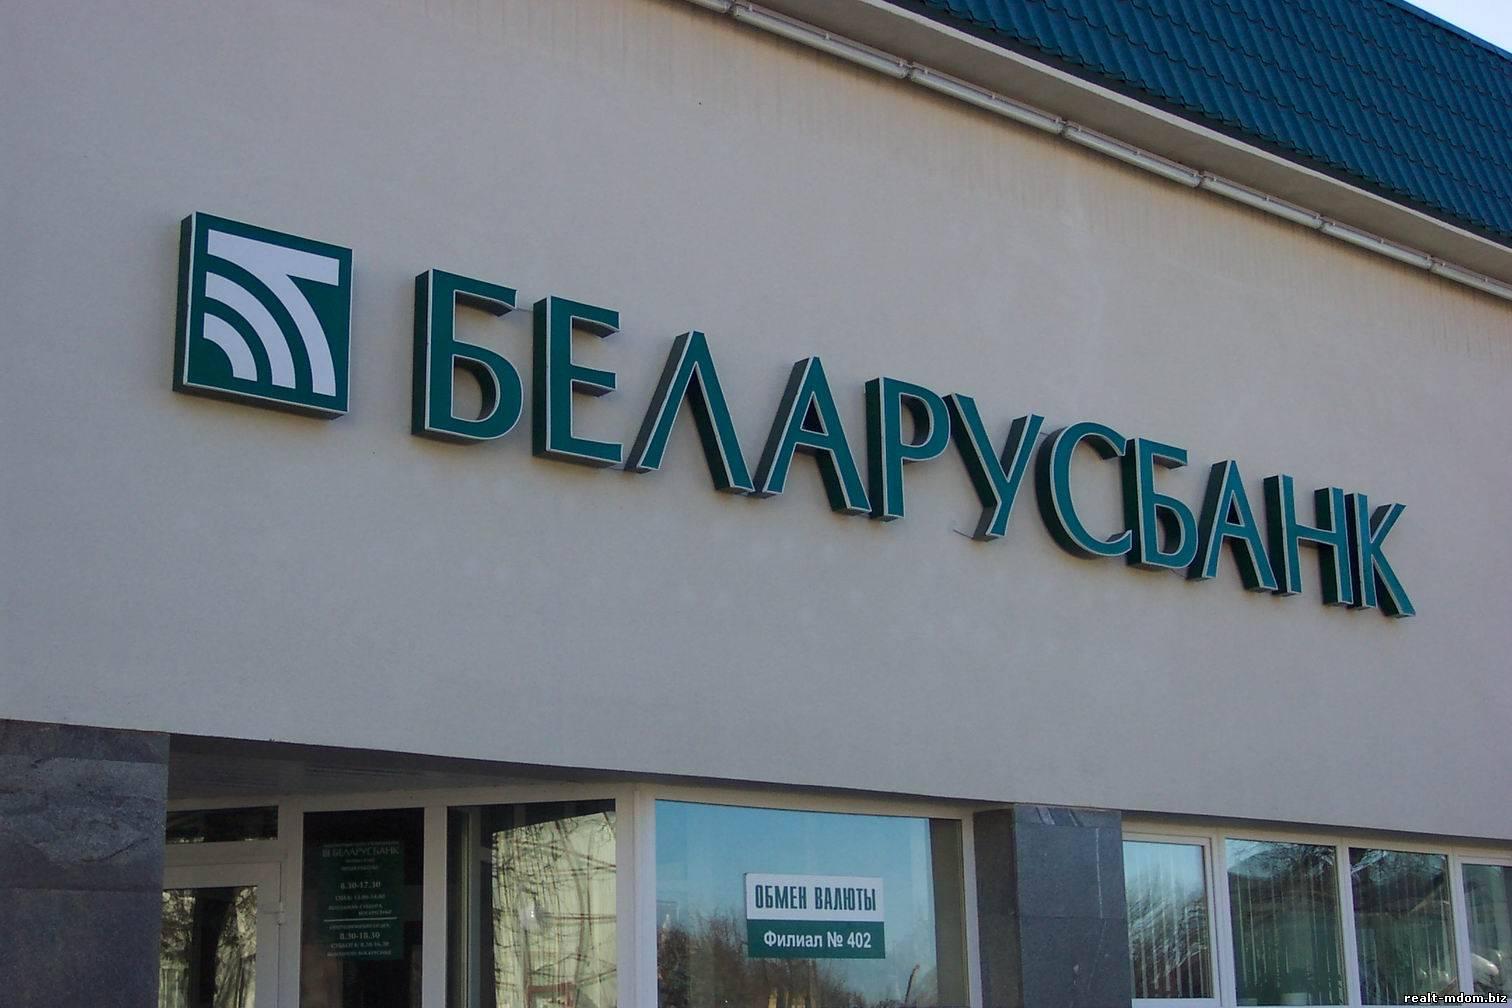 кредит на строительство жилья беларусбанк 2020 райффайзенбанк карта 110 дней как снять деньги